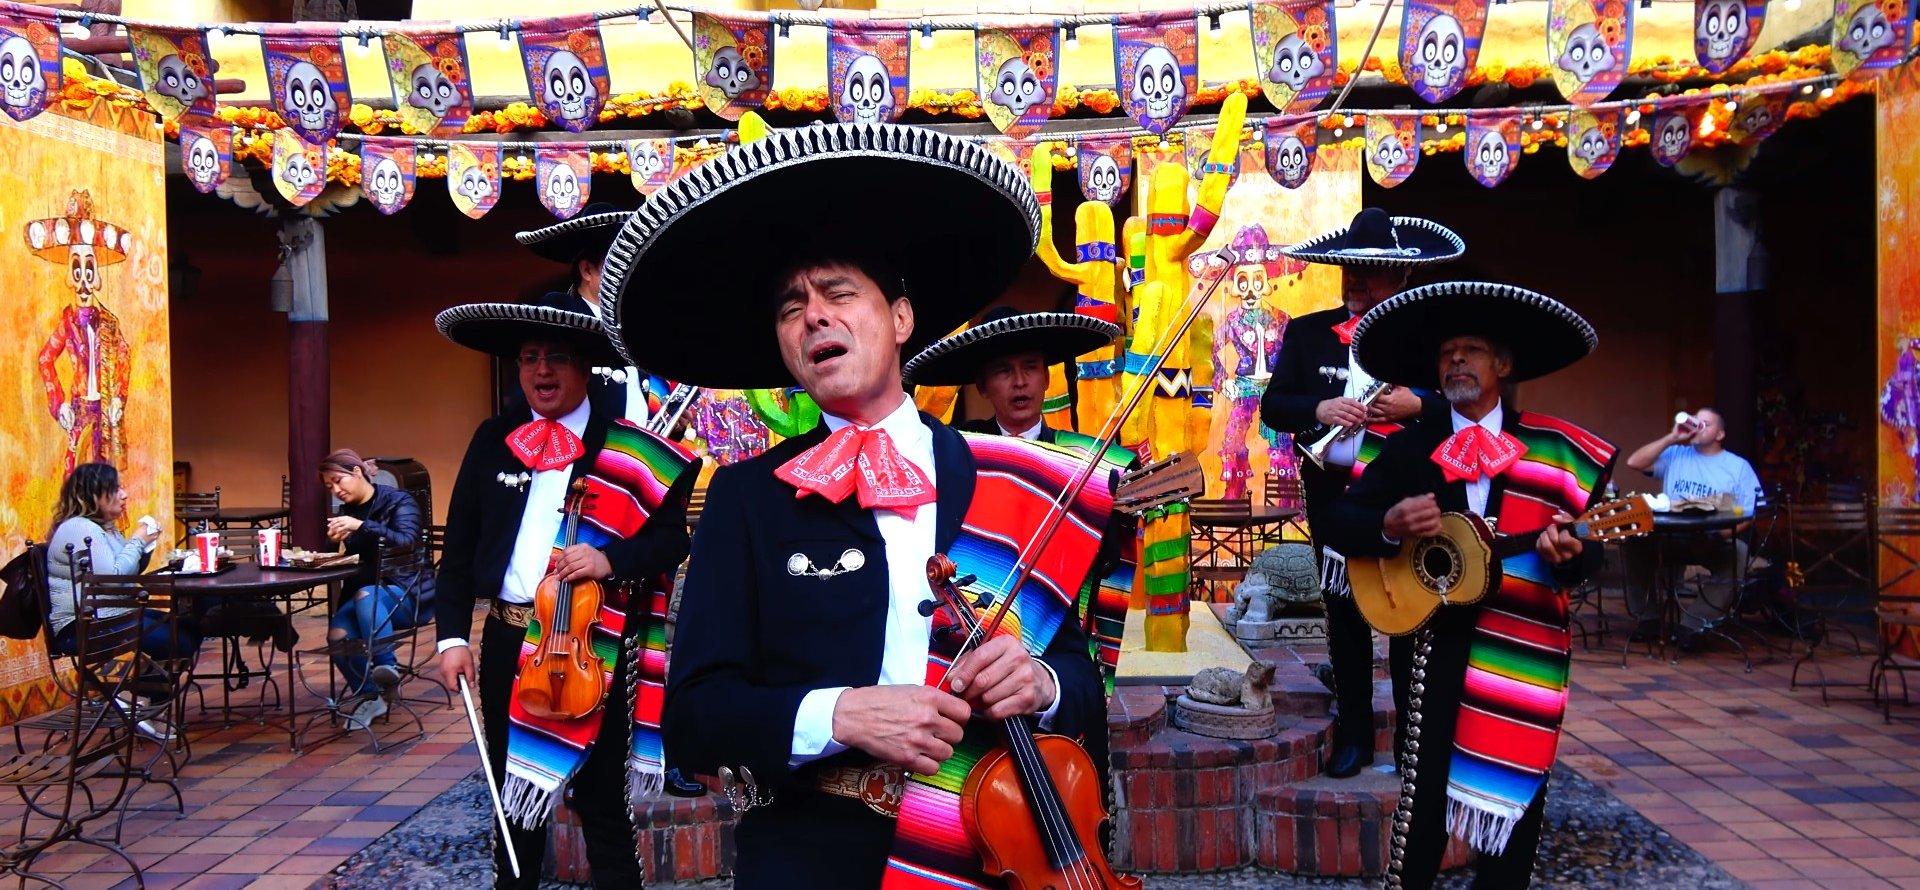 groupe de musique mariachi à Disneyland Paris